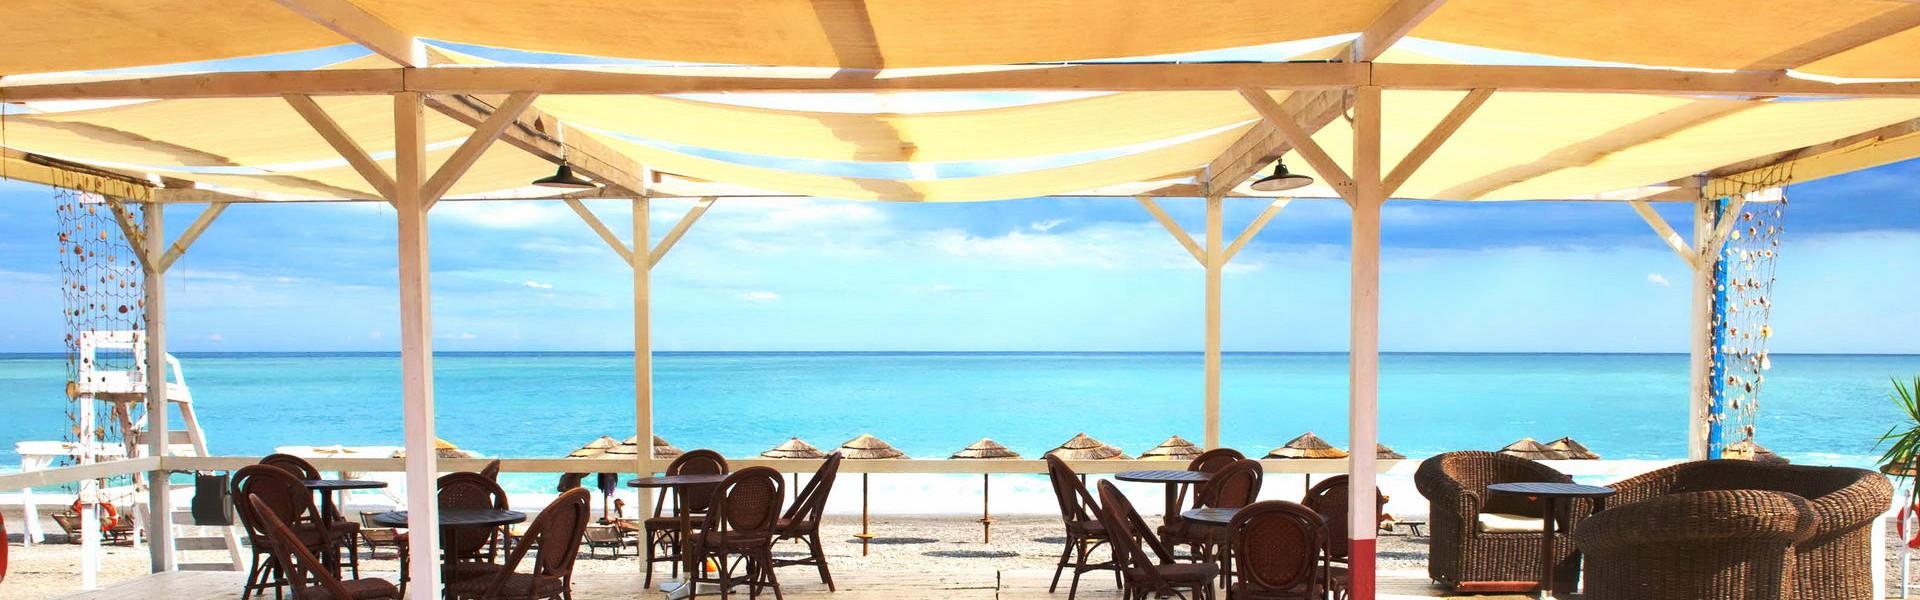 spiaggia privata hotel sicilia